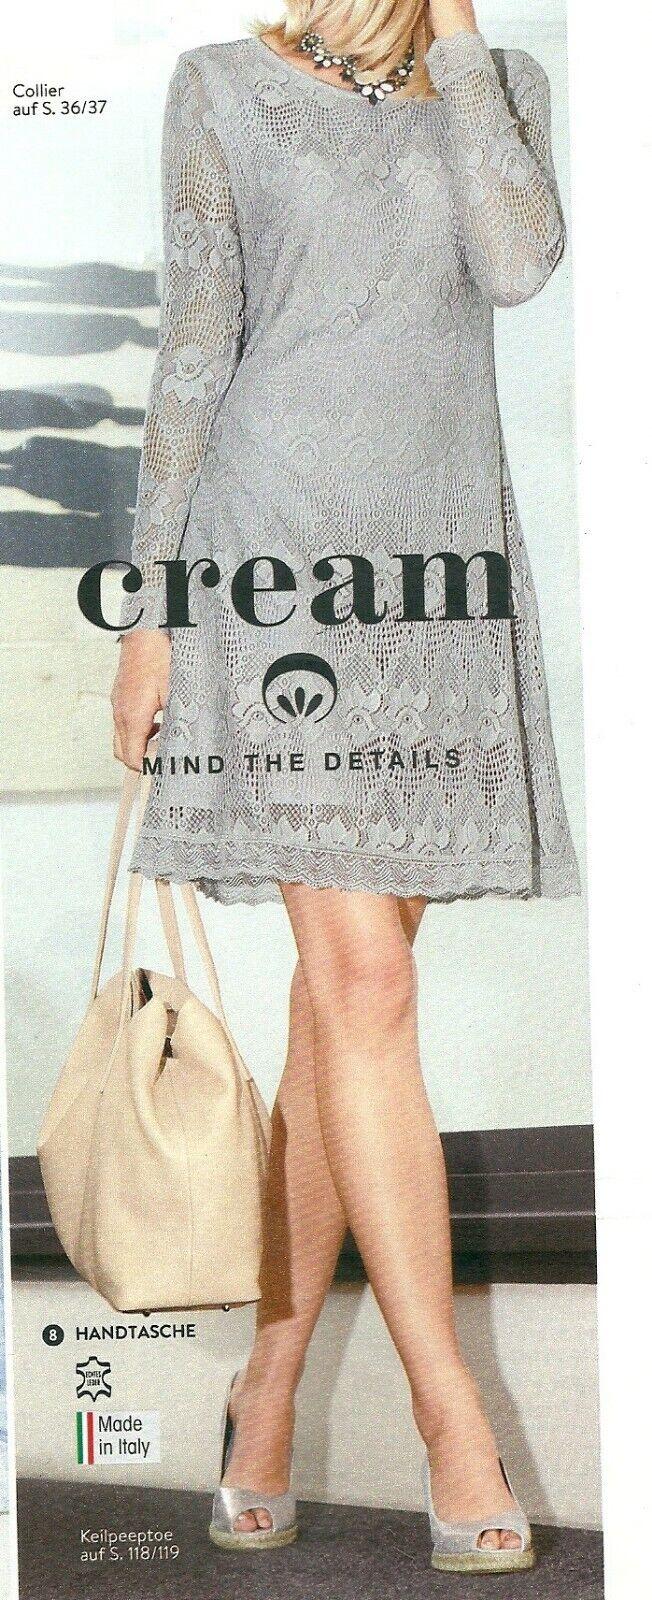 Kleid Spitzenkleid Freizeitkleid Festkleid hellgrau Gr. 38 42 44 46 | Ausgezeichnetes Handwerk  | Schöne Kunst  | Schön